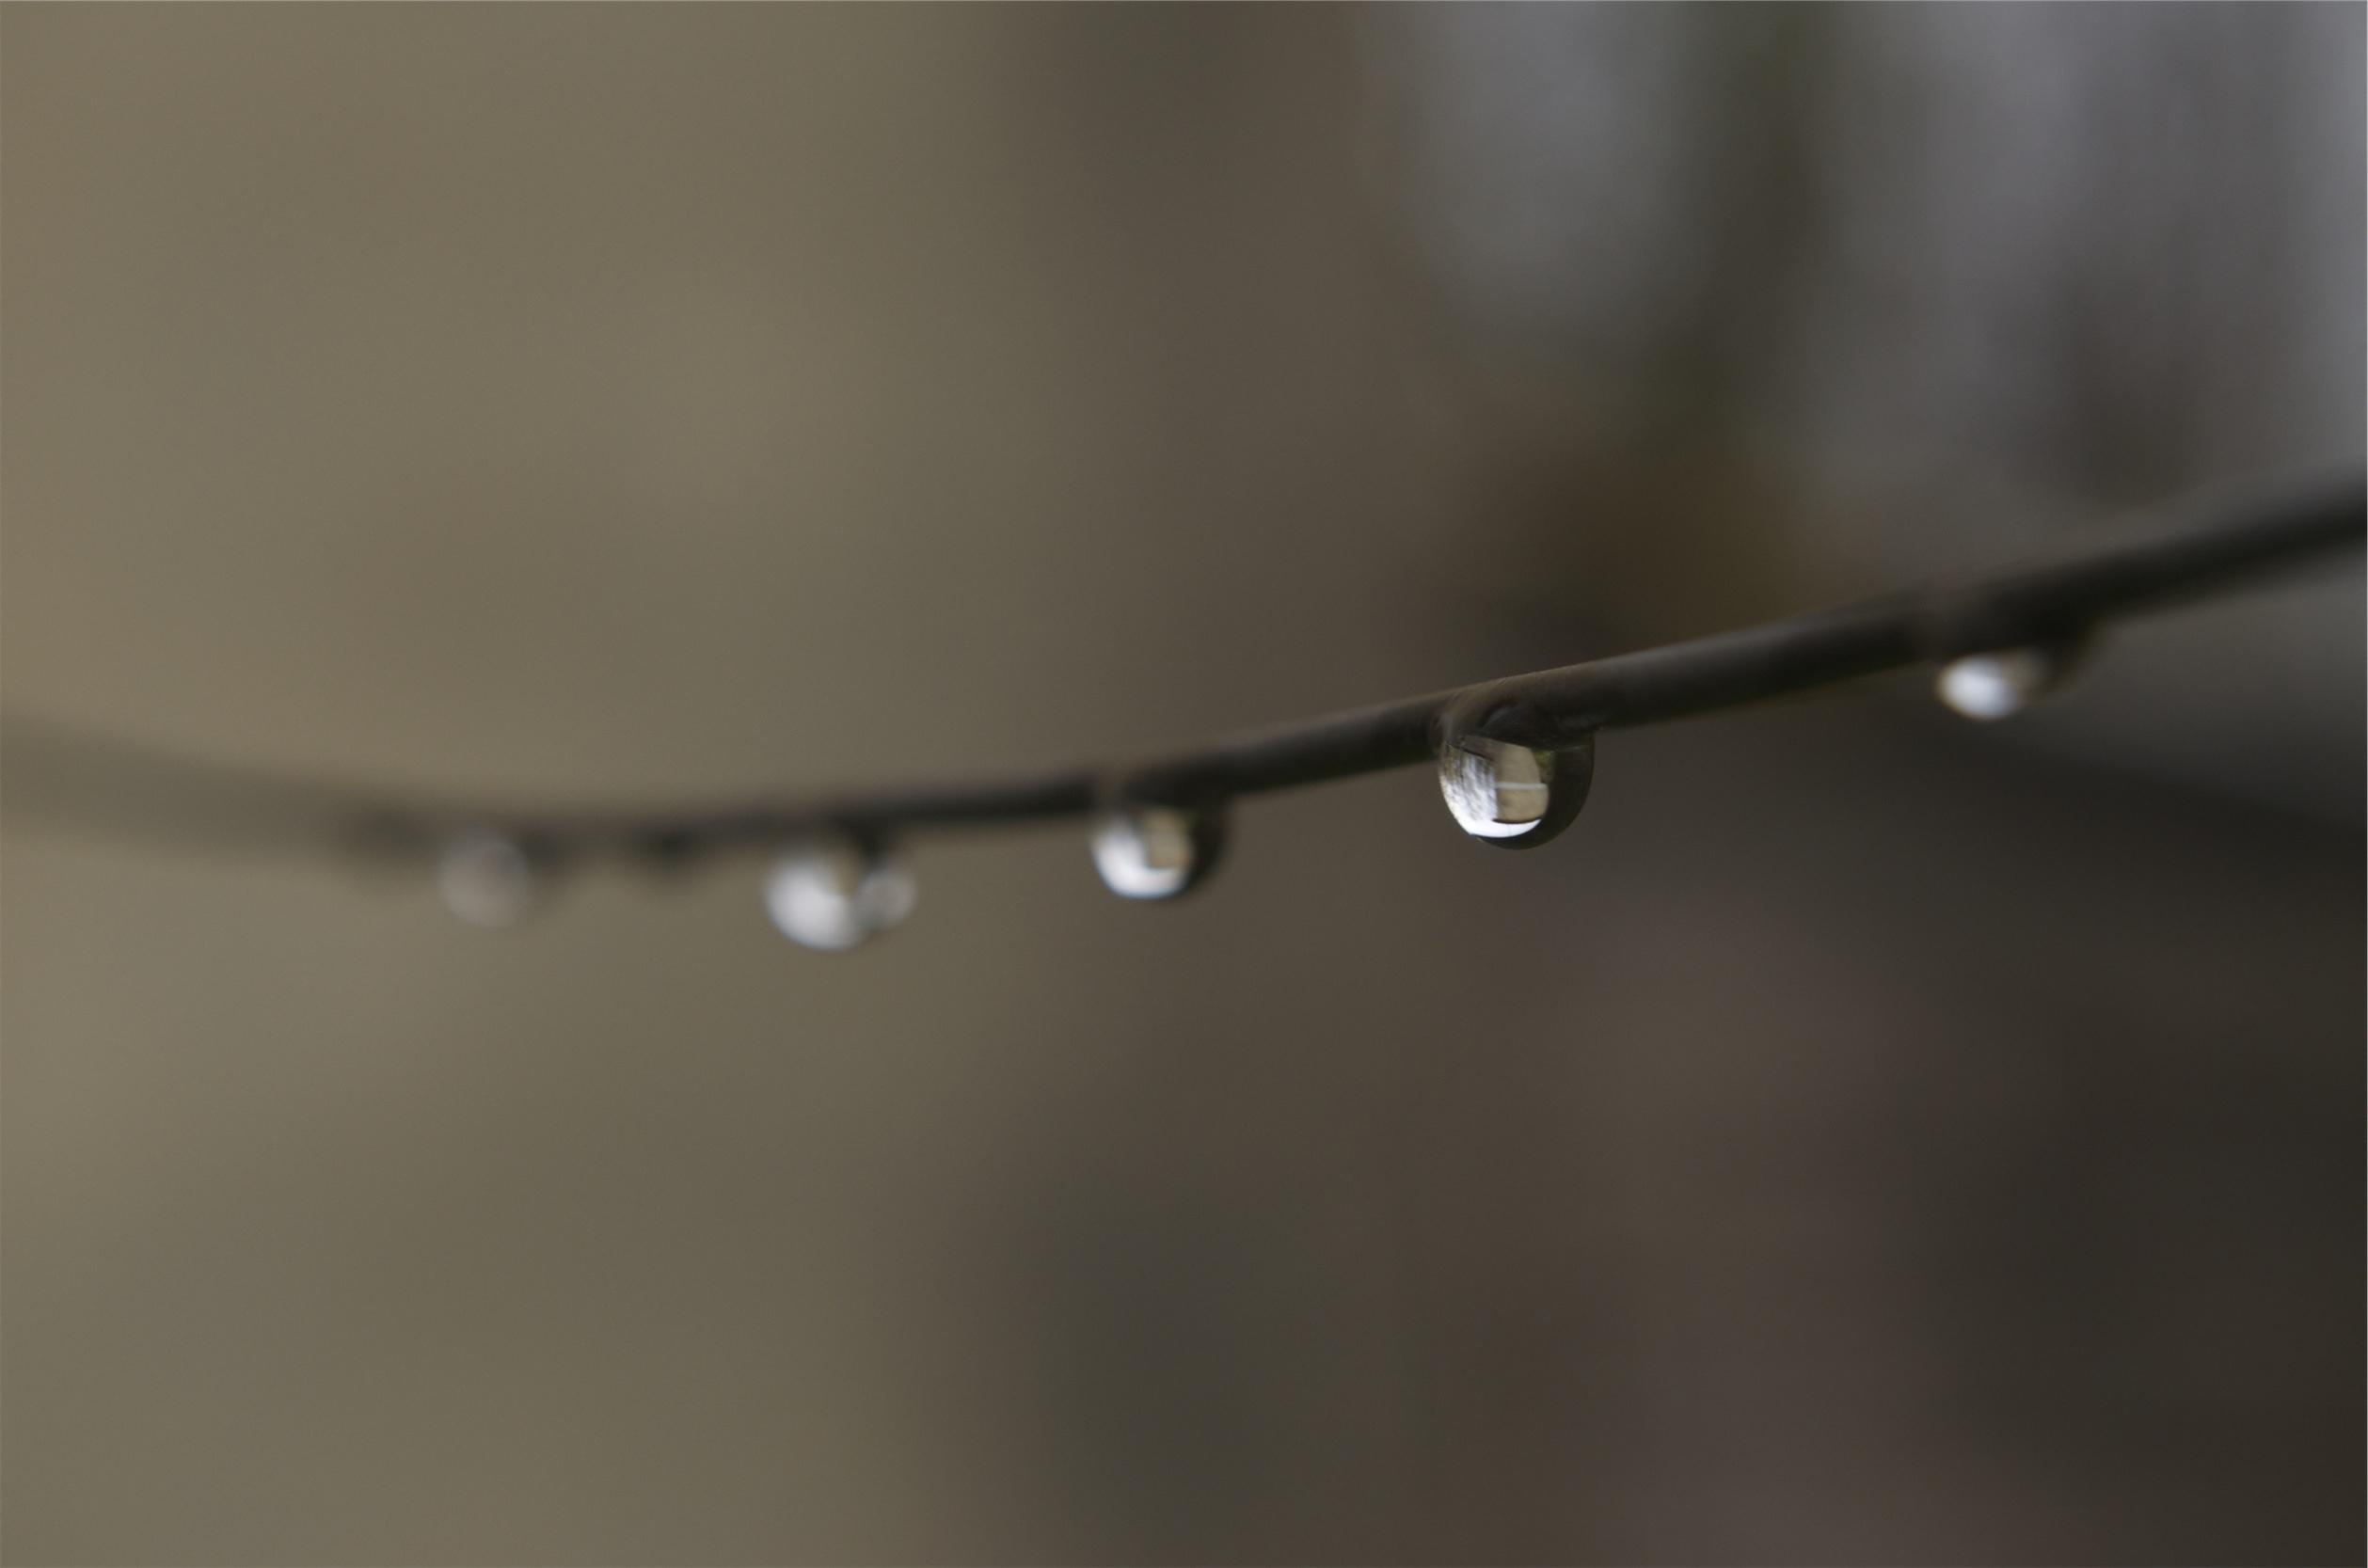 Gratis Afbeeldingen : water, laten vallen, licht, technologie, wit ...